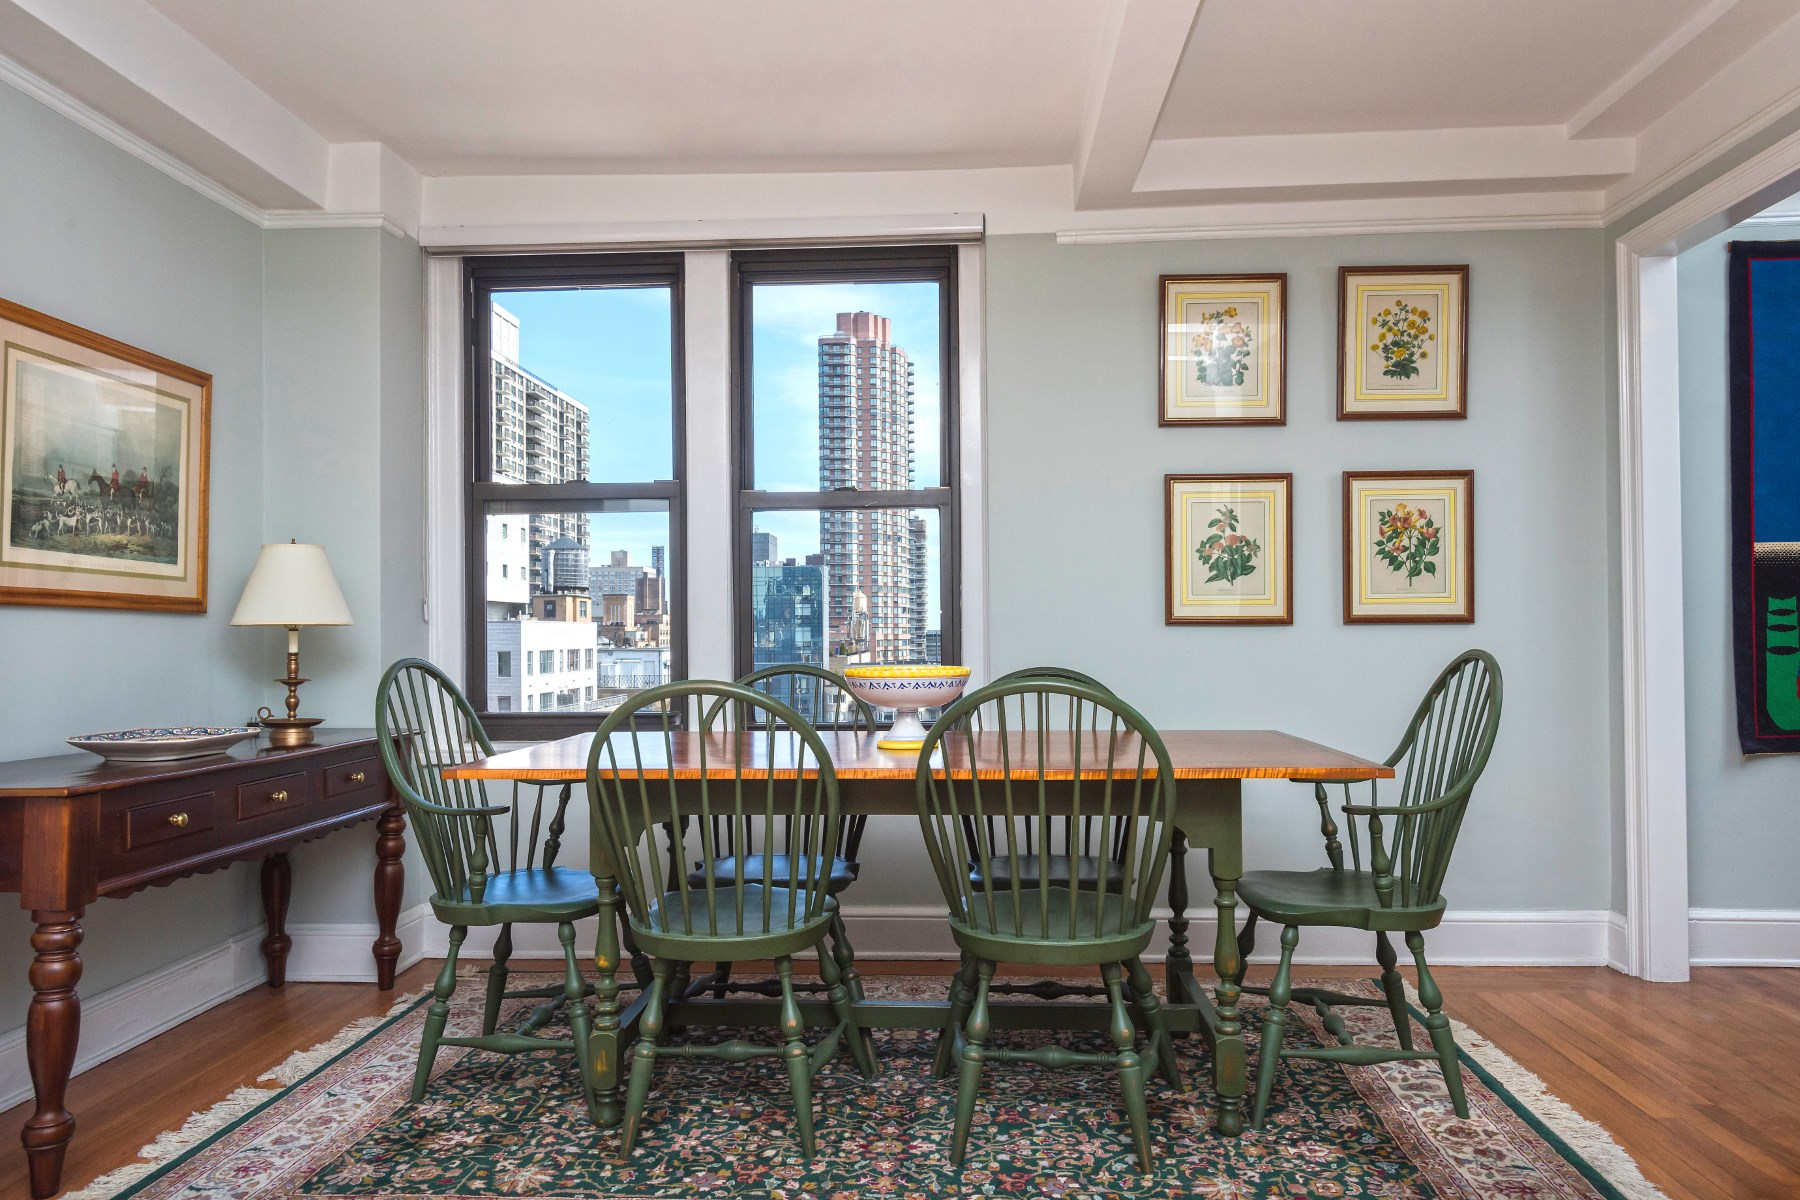 Кооперативная квартира для того Продажа на 205 East 78th Street, Apt. 19T 205 East 78th Street Apt 19T Upper East Side, New York, Нью-Йорк, 10075 Соединенные Штаты